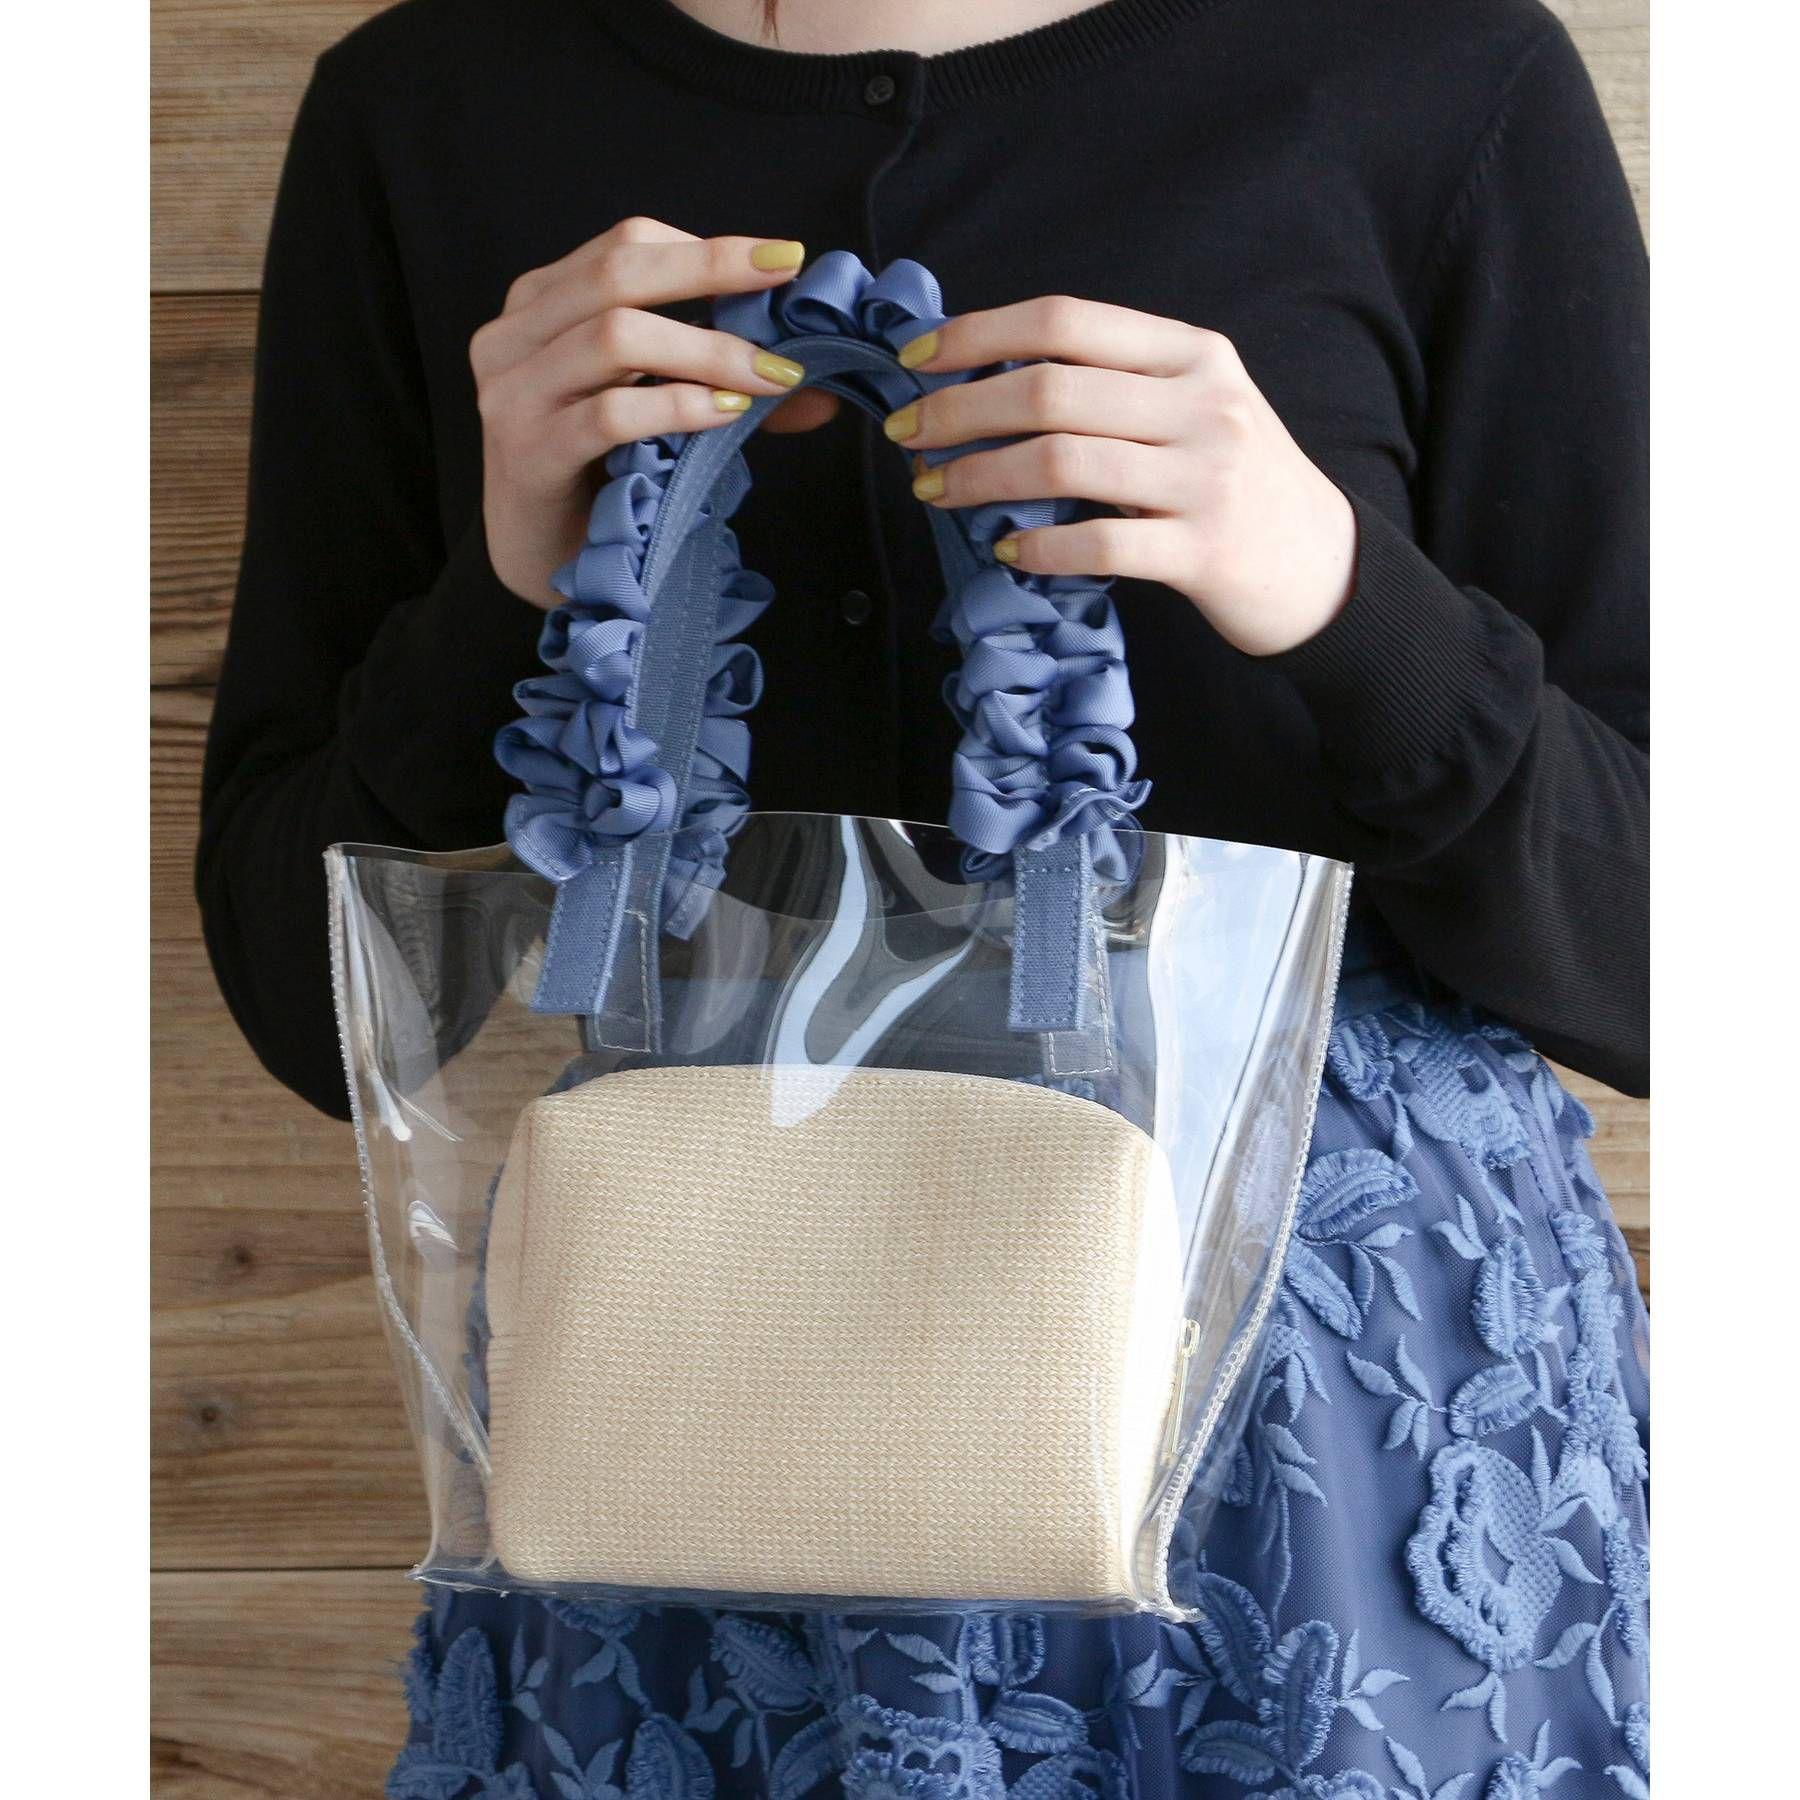 AG by aquagirl(エージーバイアクアガール)/【WEB限定アイテム】ポーチ付フリルハンドルクリアミニトートバッグ